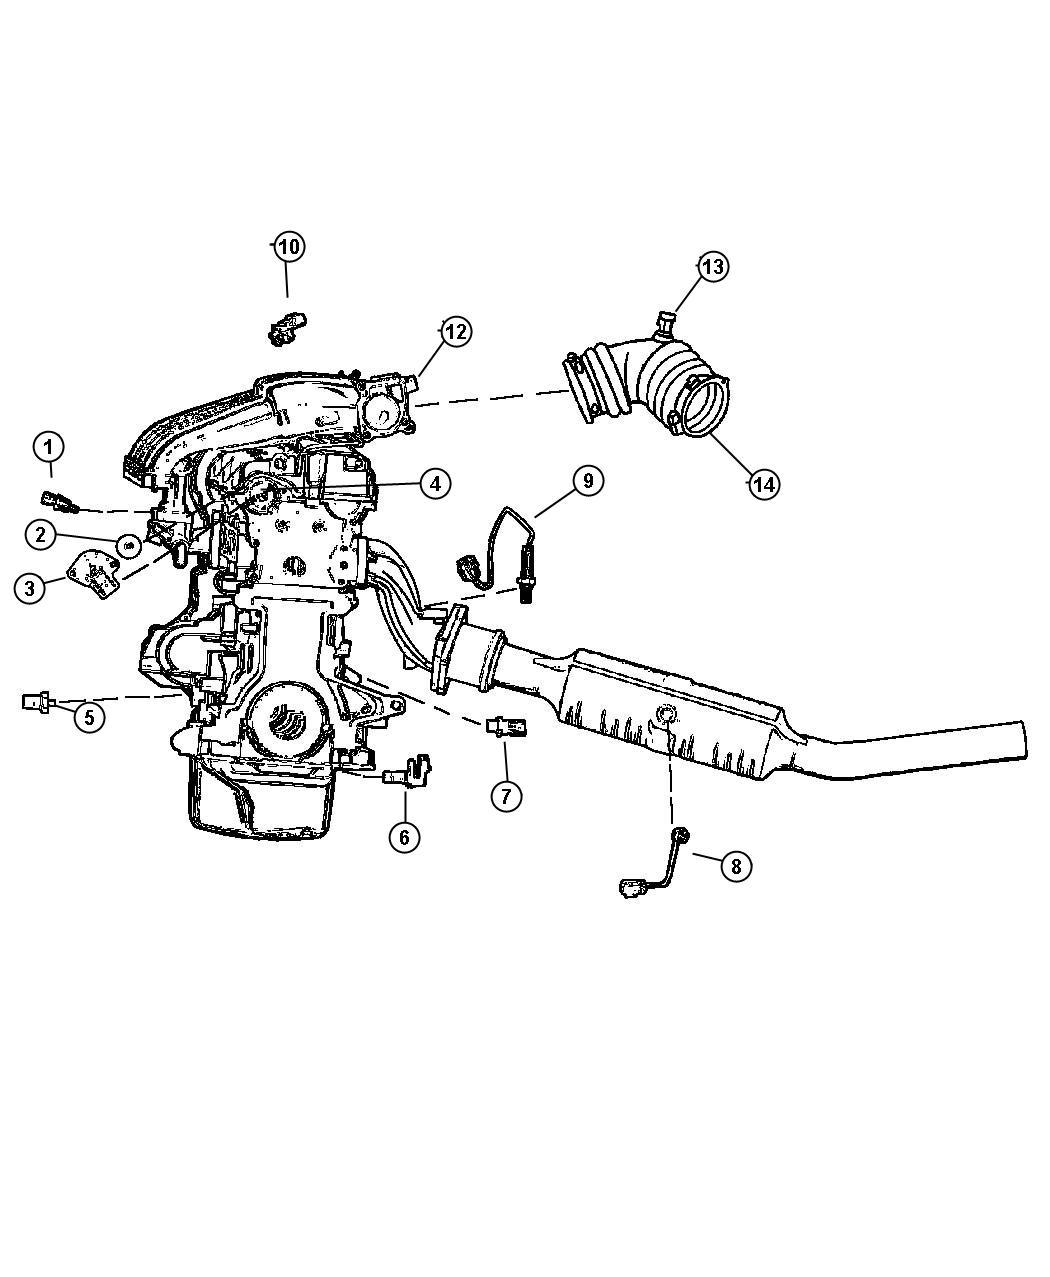 2001 Chrysler Pt Cruiser Sensors, Engine.